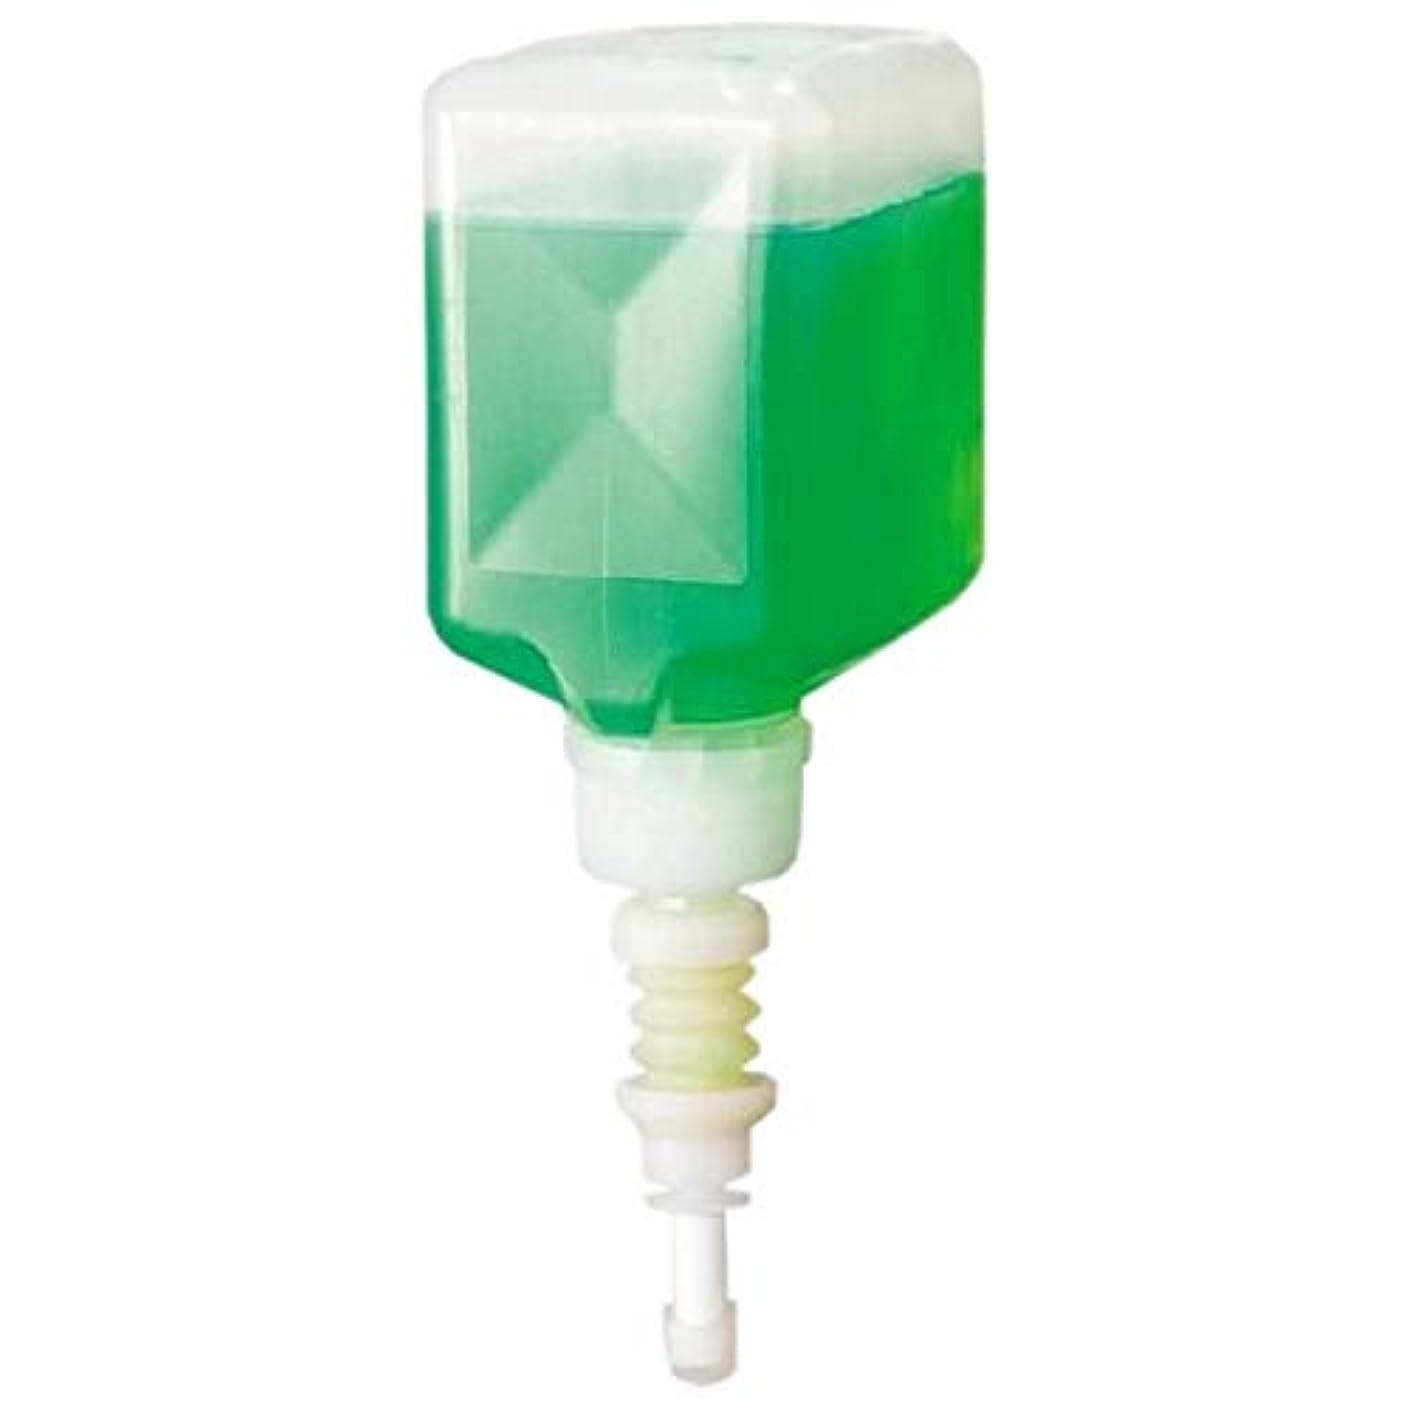 意気消沈した溶接意味するスタイルデコ シャボネット石けん液Fデコ専用薬液 緑色